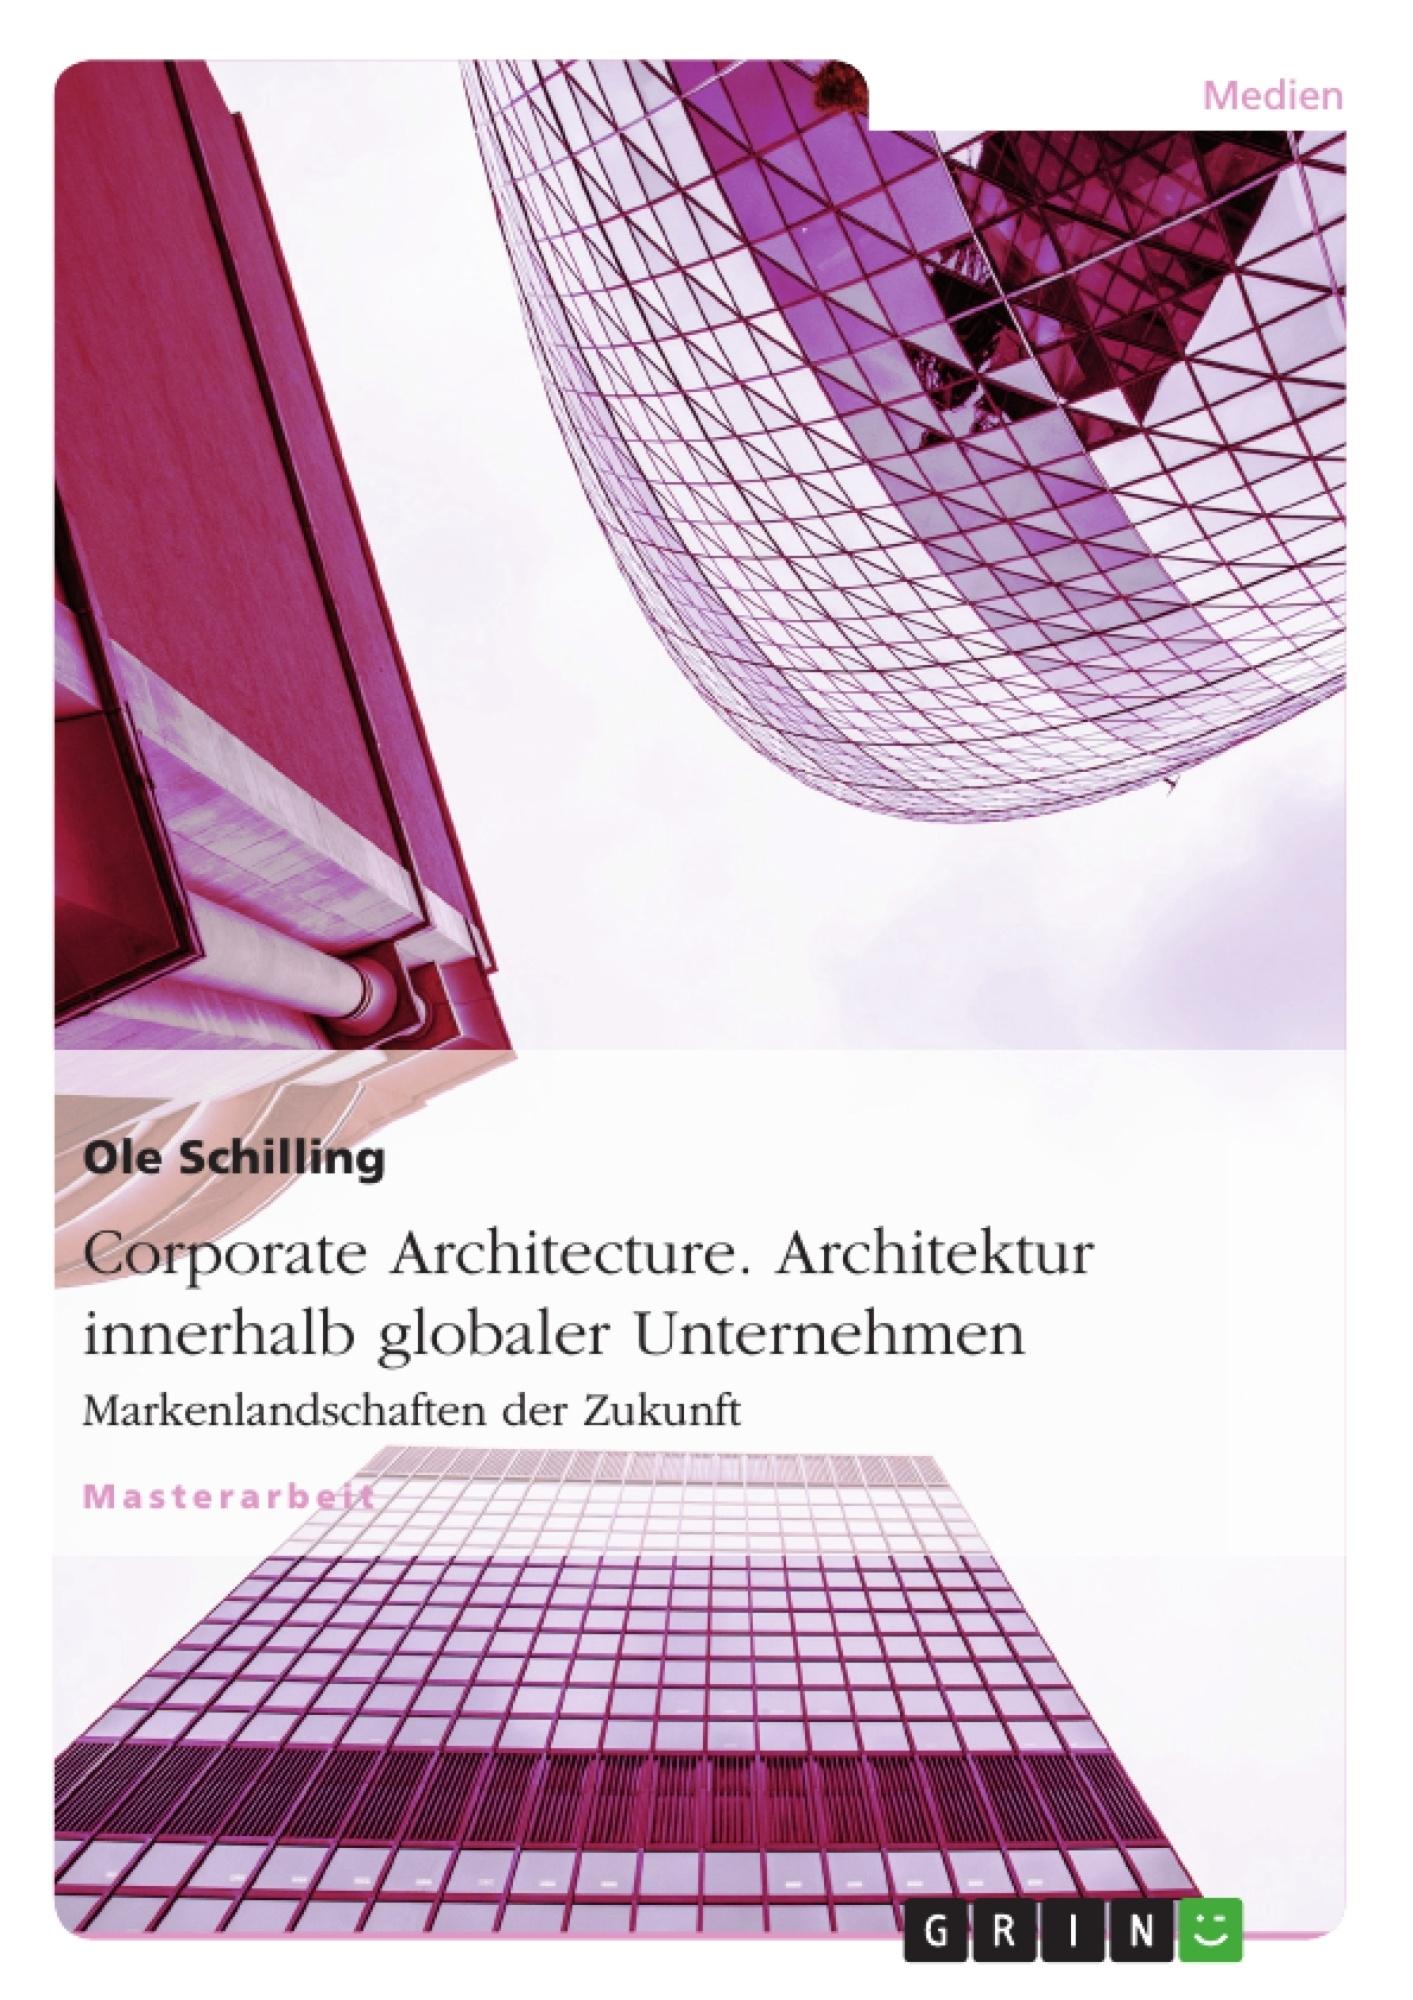 Titel: Corporate Architecture. Architektur innerhalb globaler Unternehmen